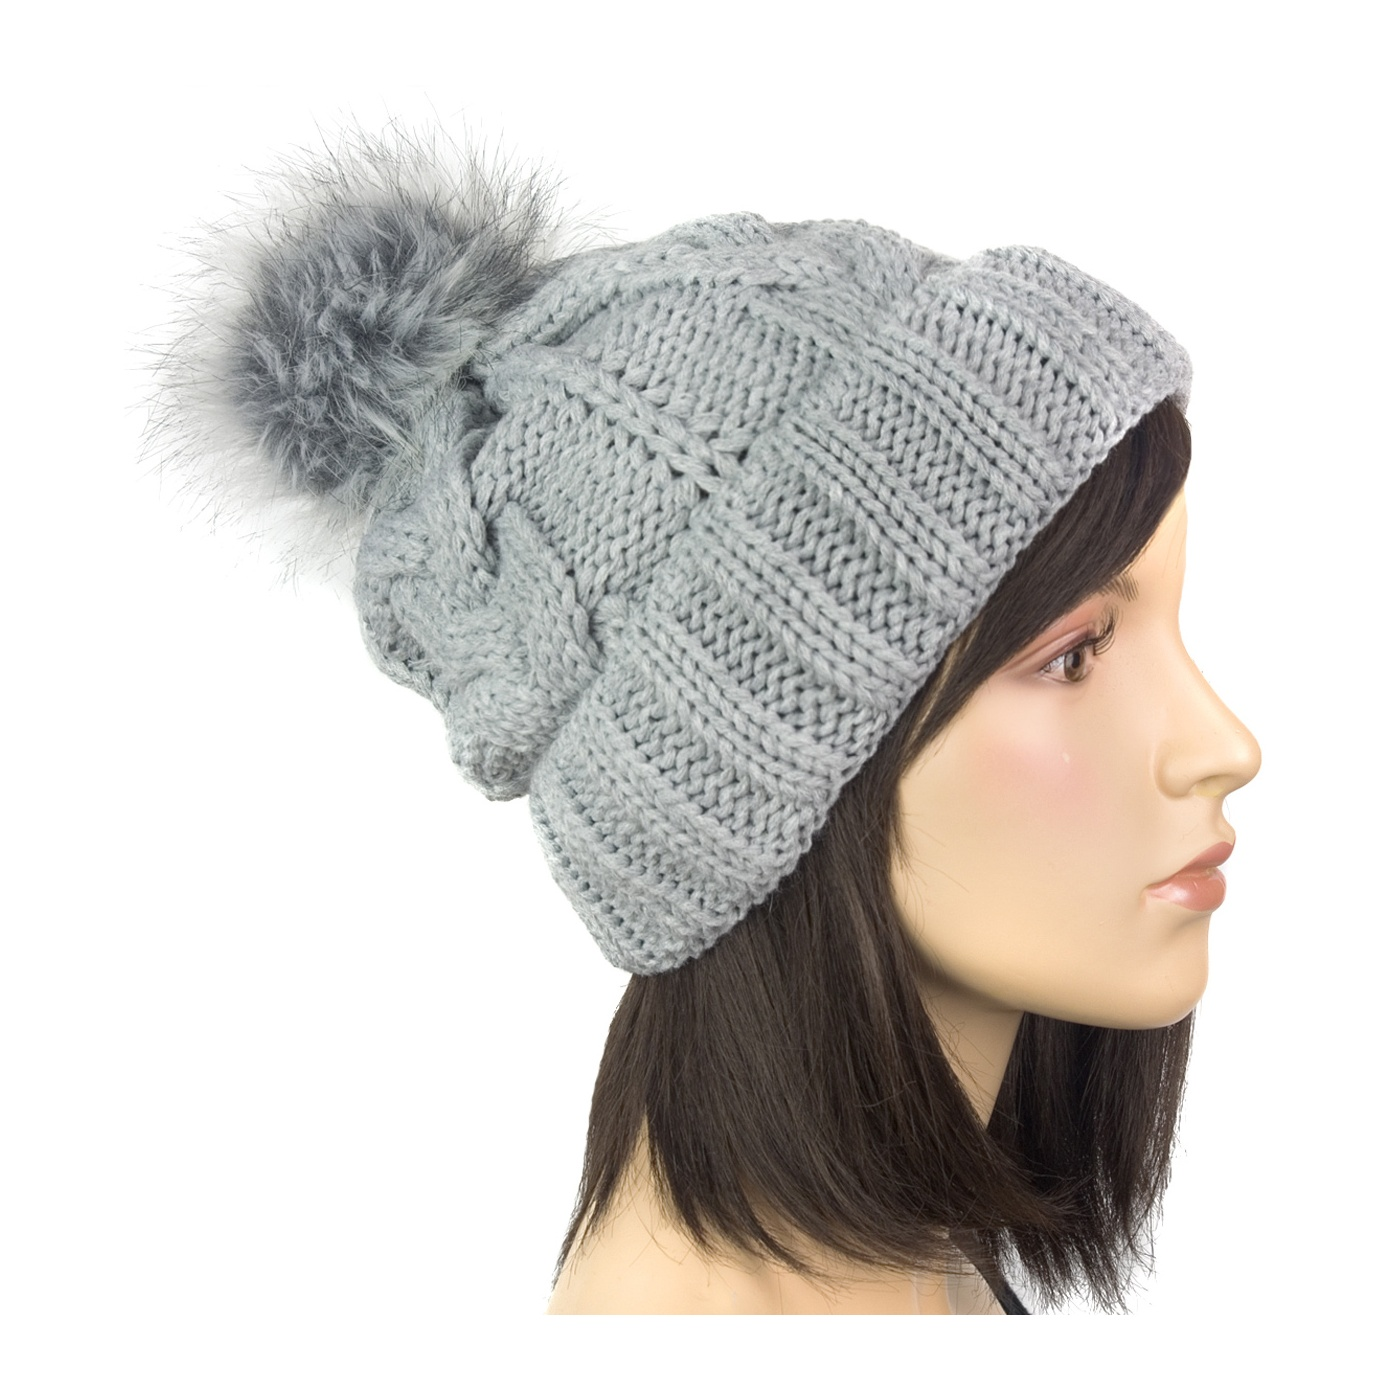 Damska czapka zimowa z dużym pomponem: beżowa